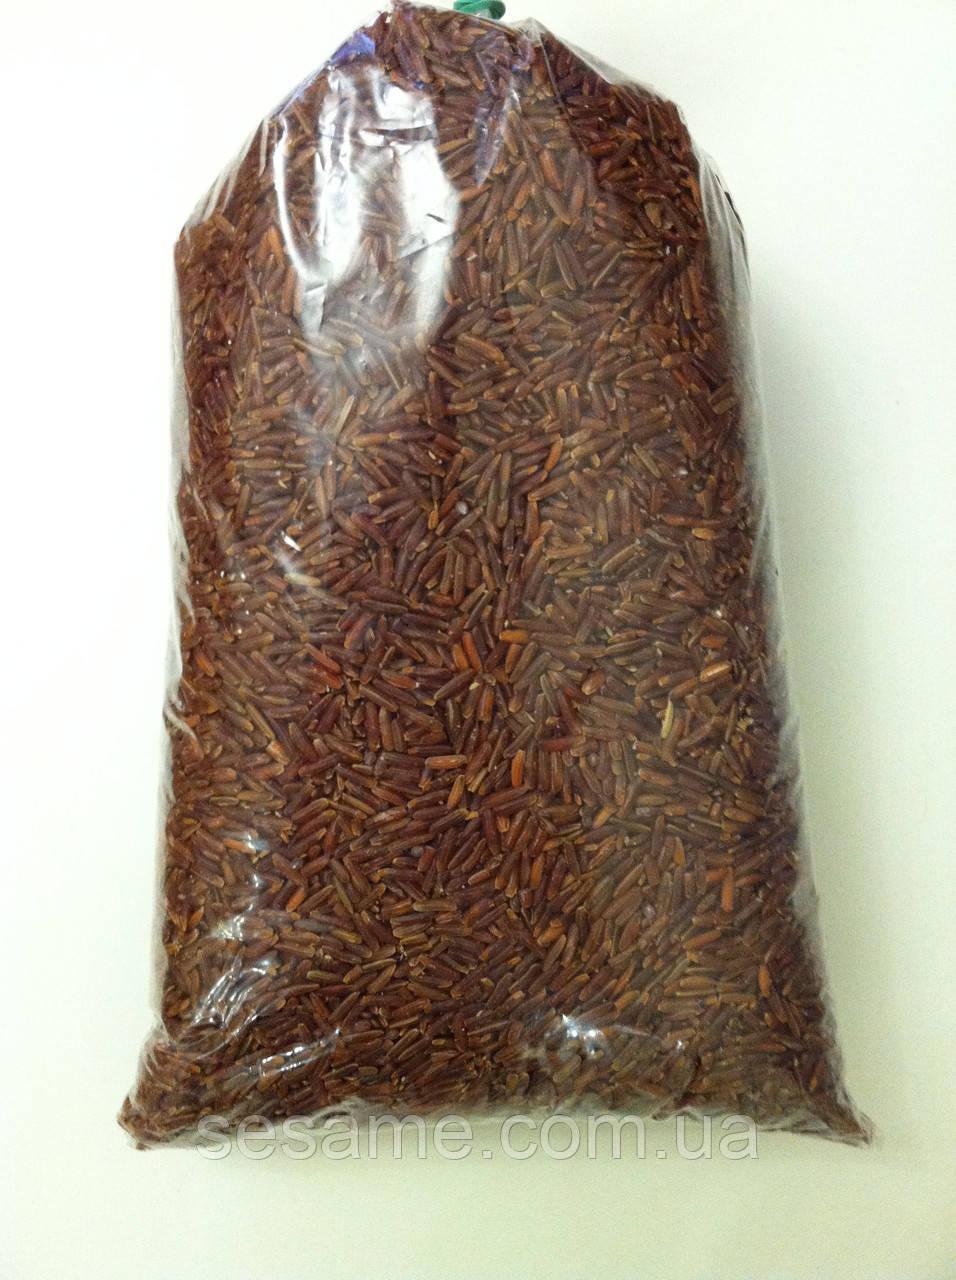 Дикий Коричневый (красный) рис 1 кг (Вьетнам)